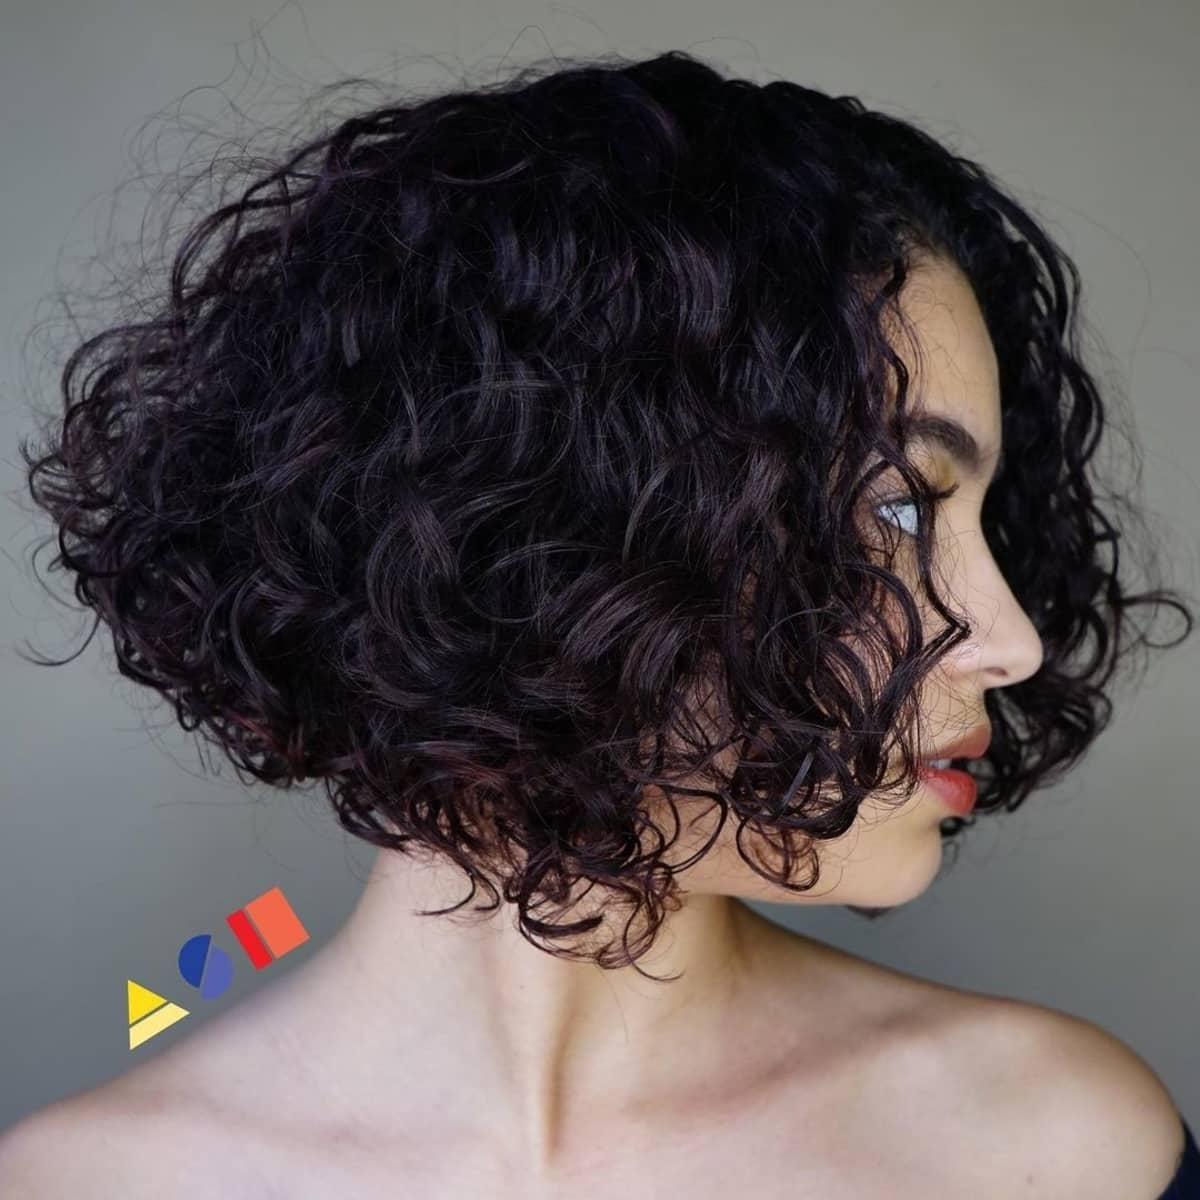 Permanente spirale empilée sur cheveux courts